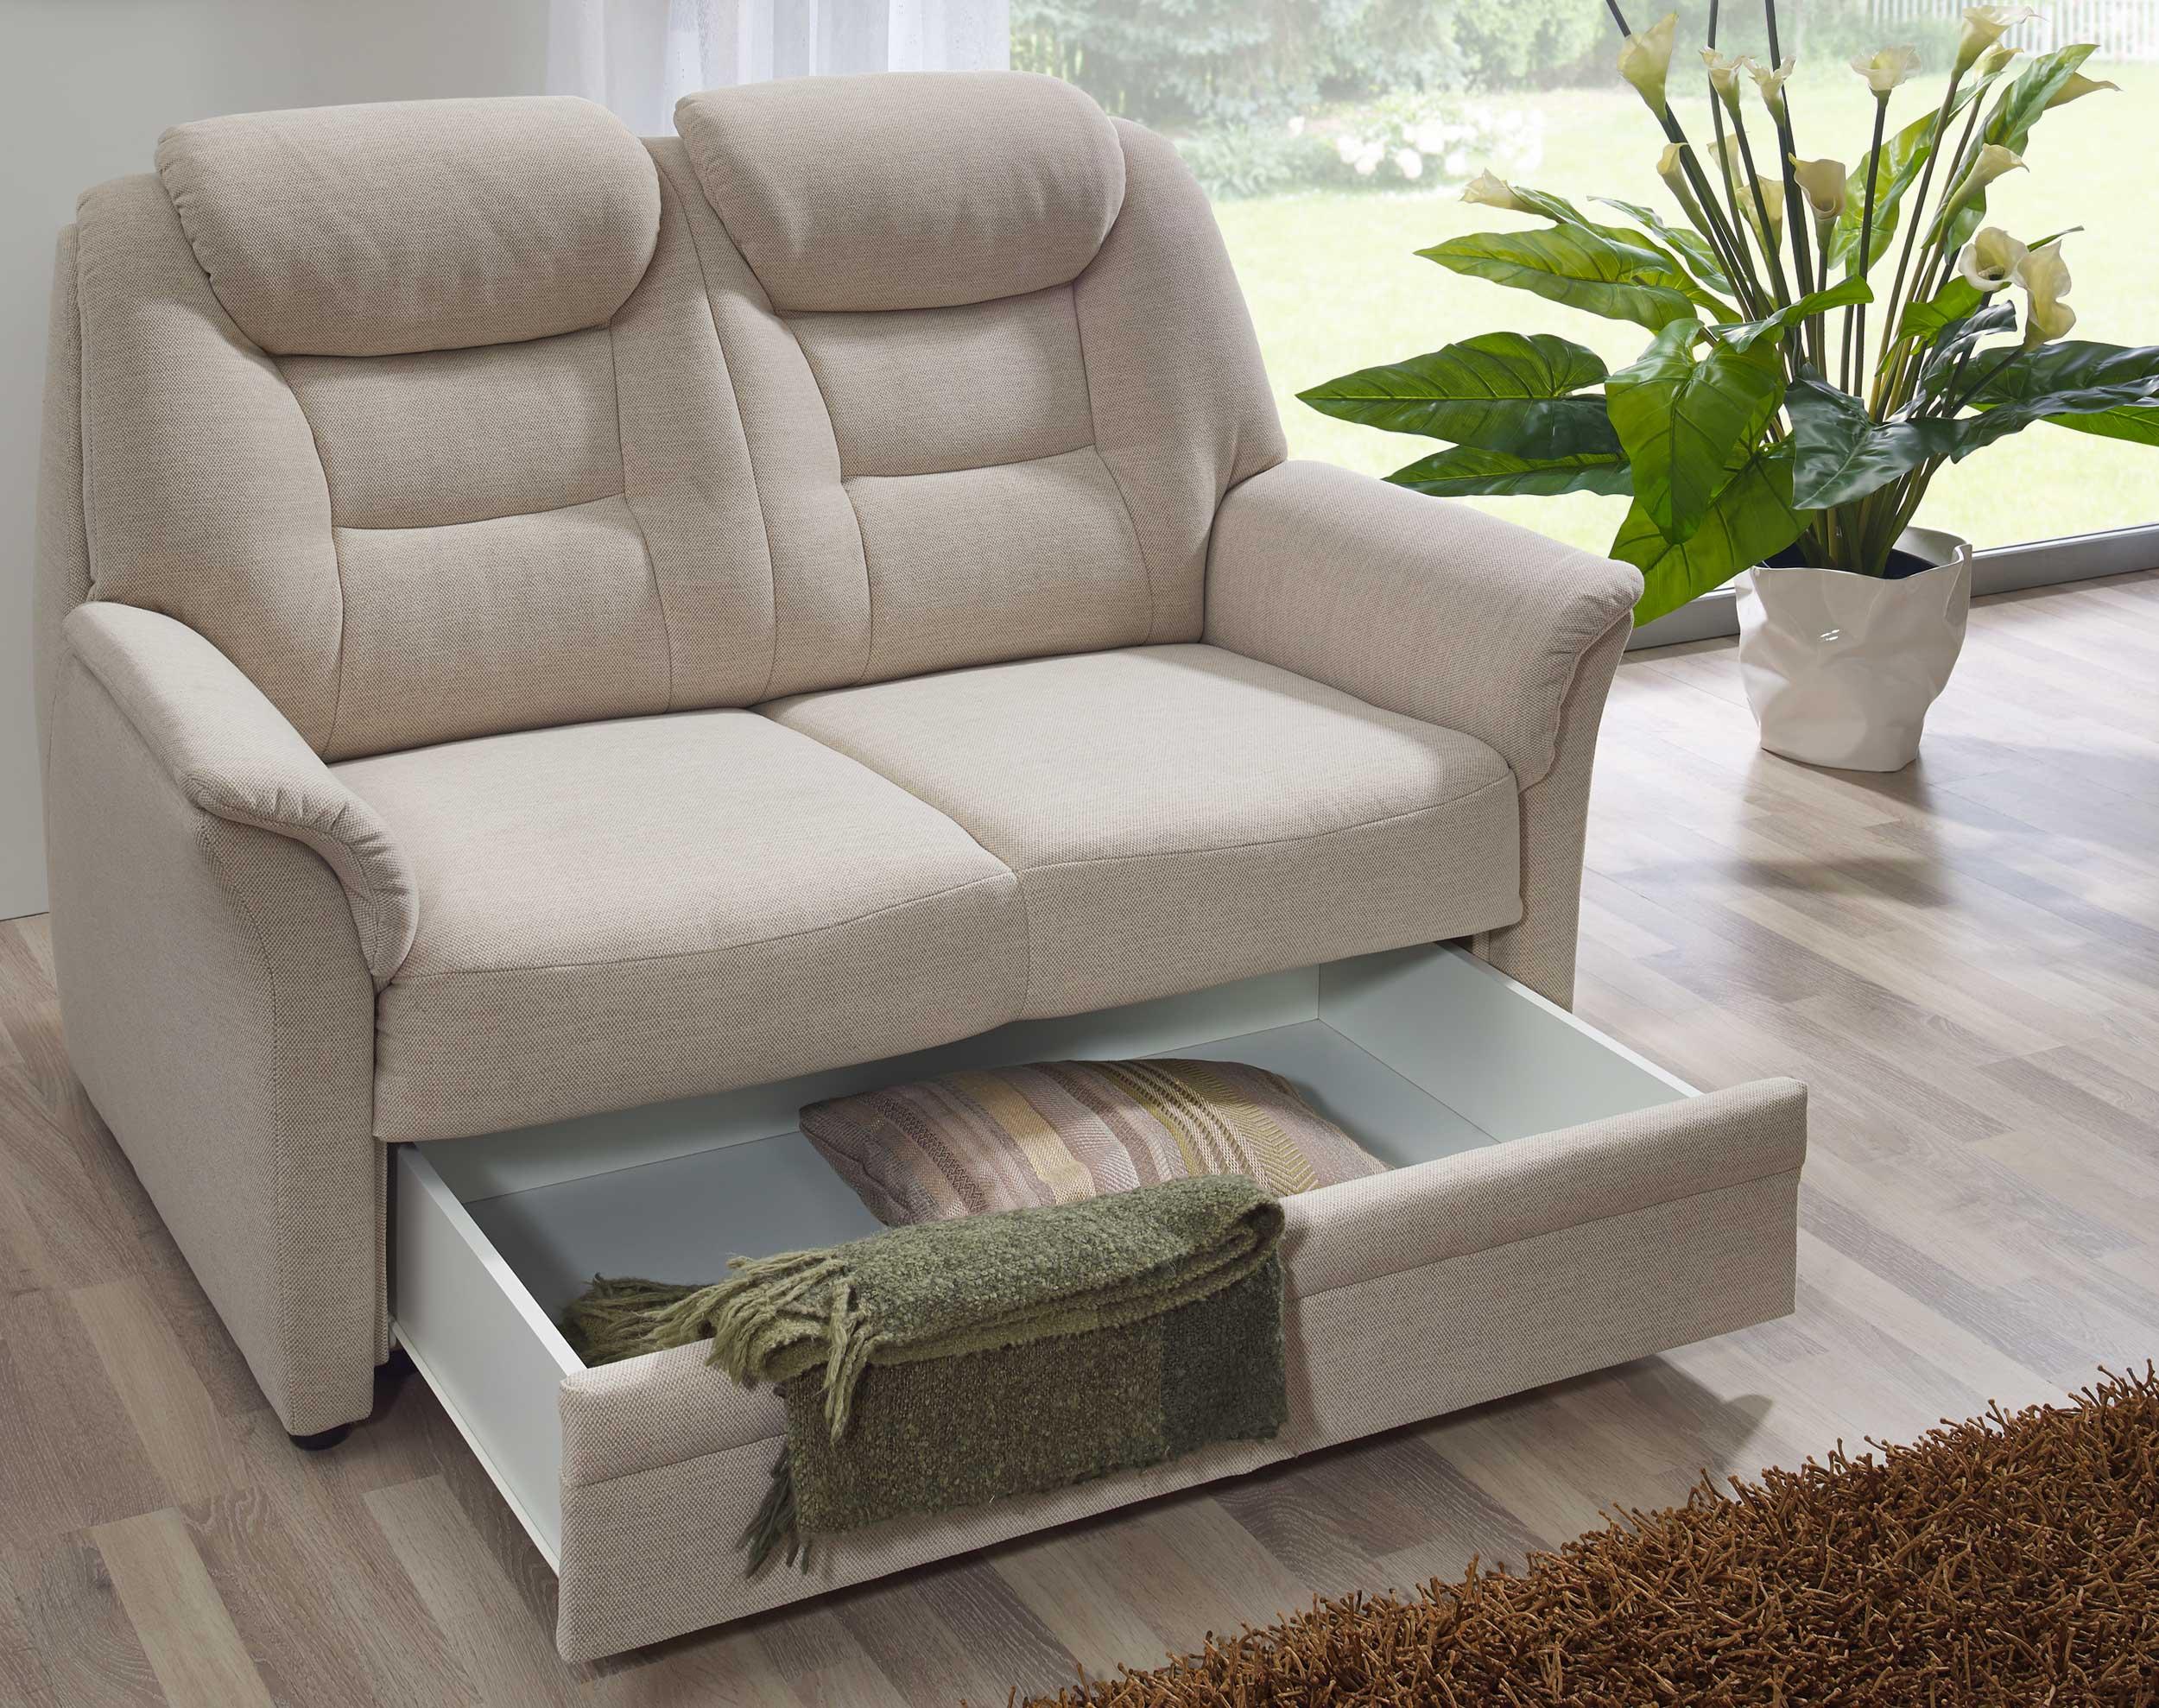 Dietsch Kiel 2 Sitzer Sofa mit Bettkasten beige